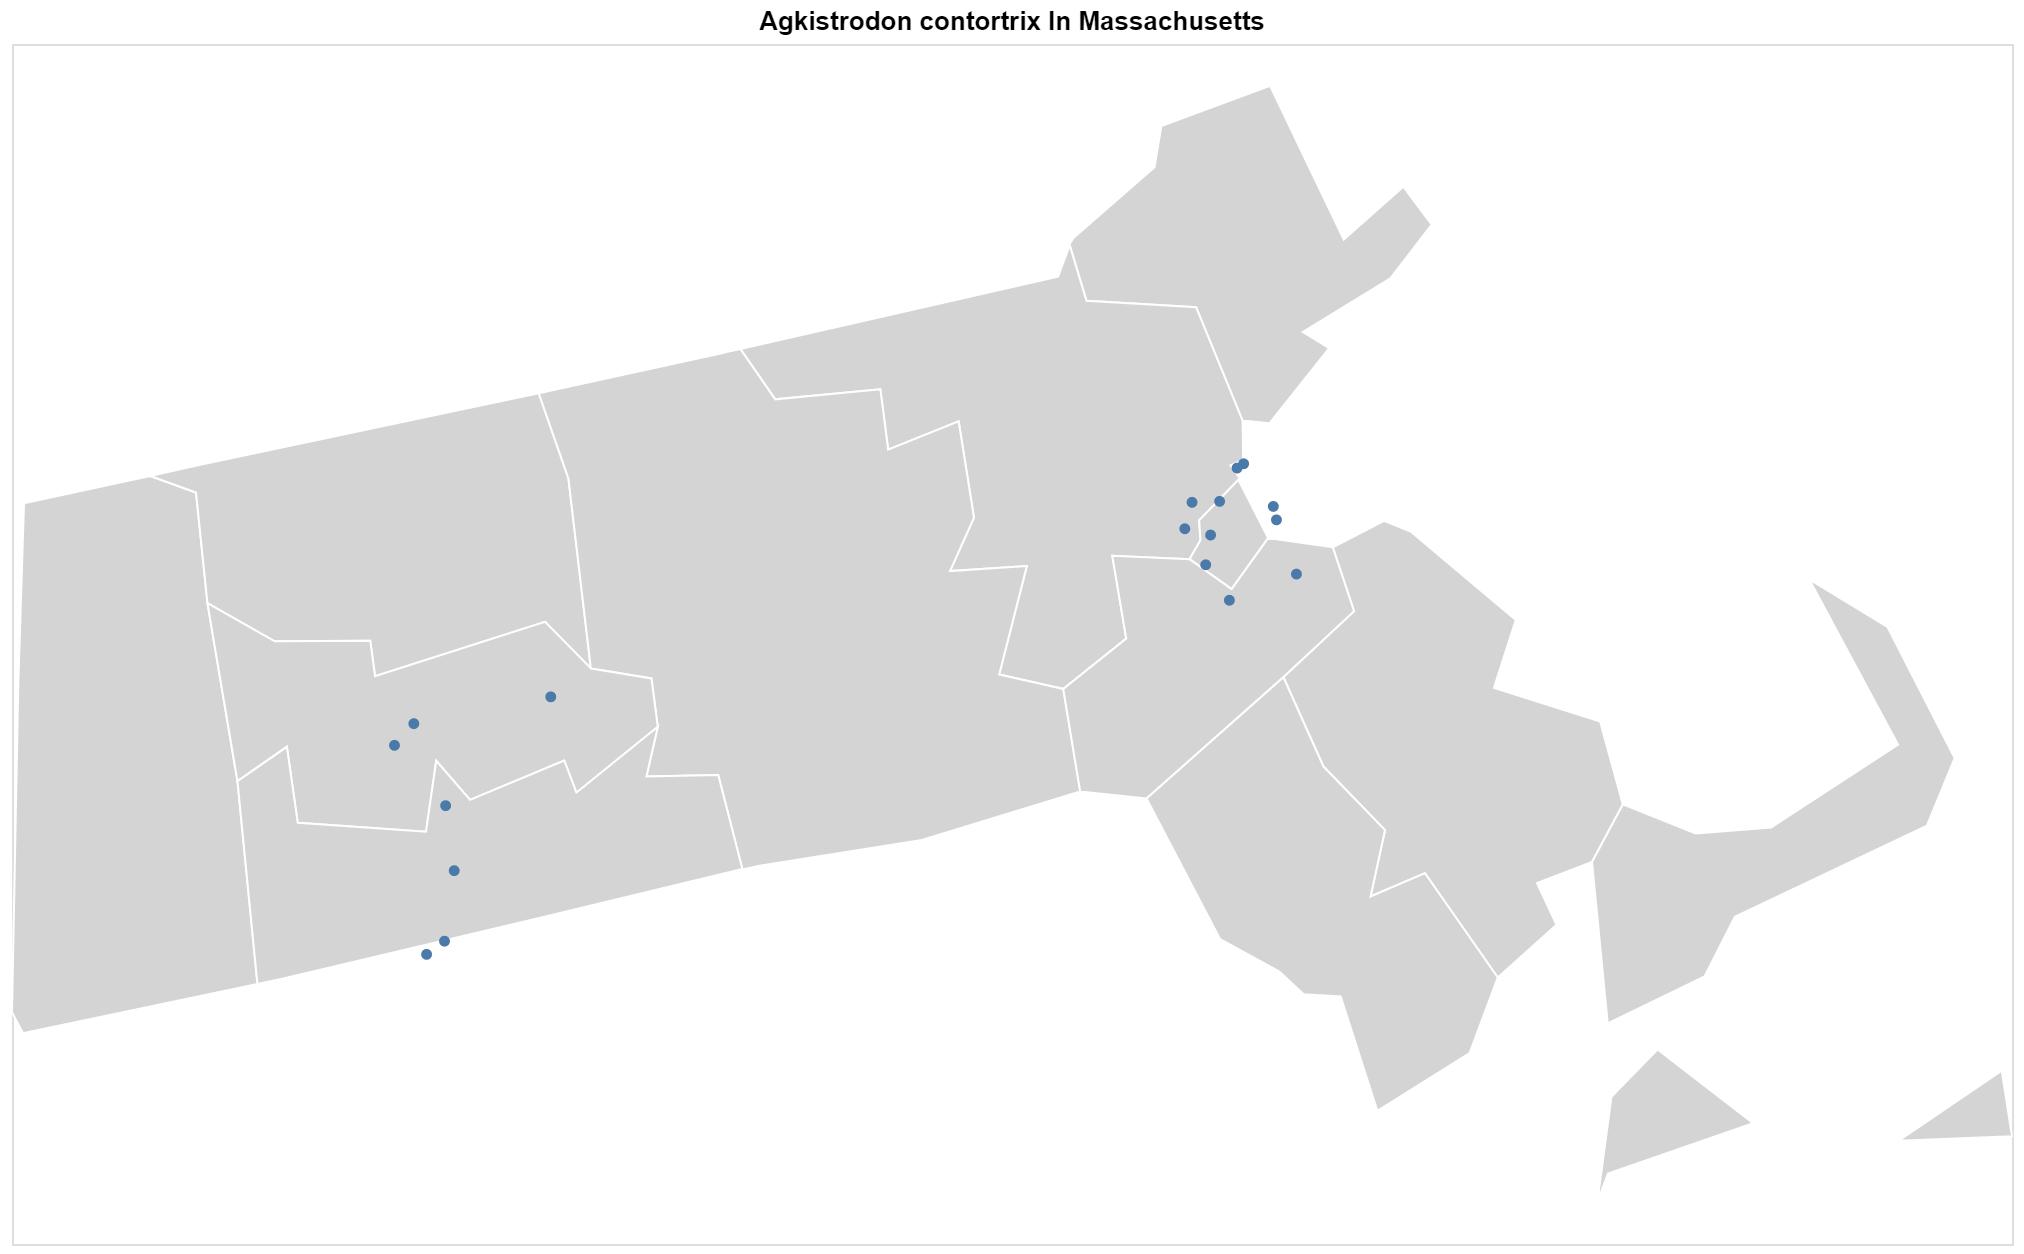 Agkistrodon contortrix Massachusetts map